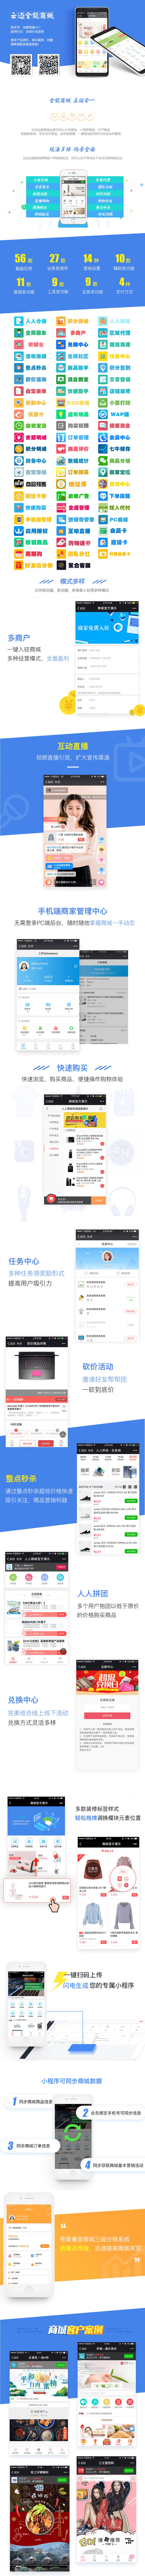 云迈全能商城-产品详情.png